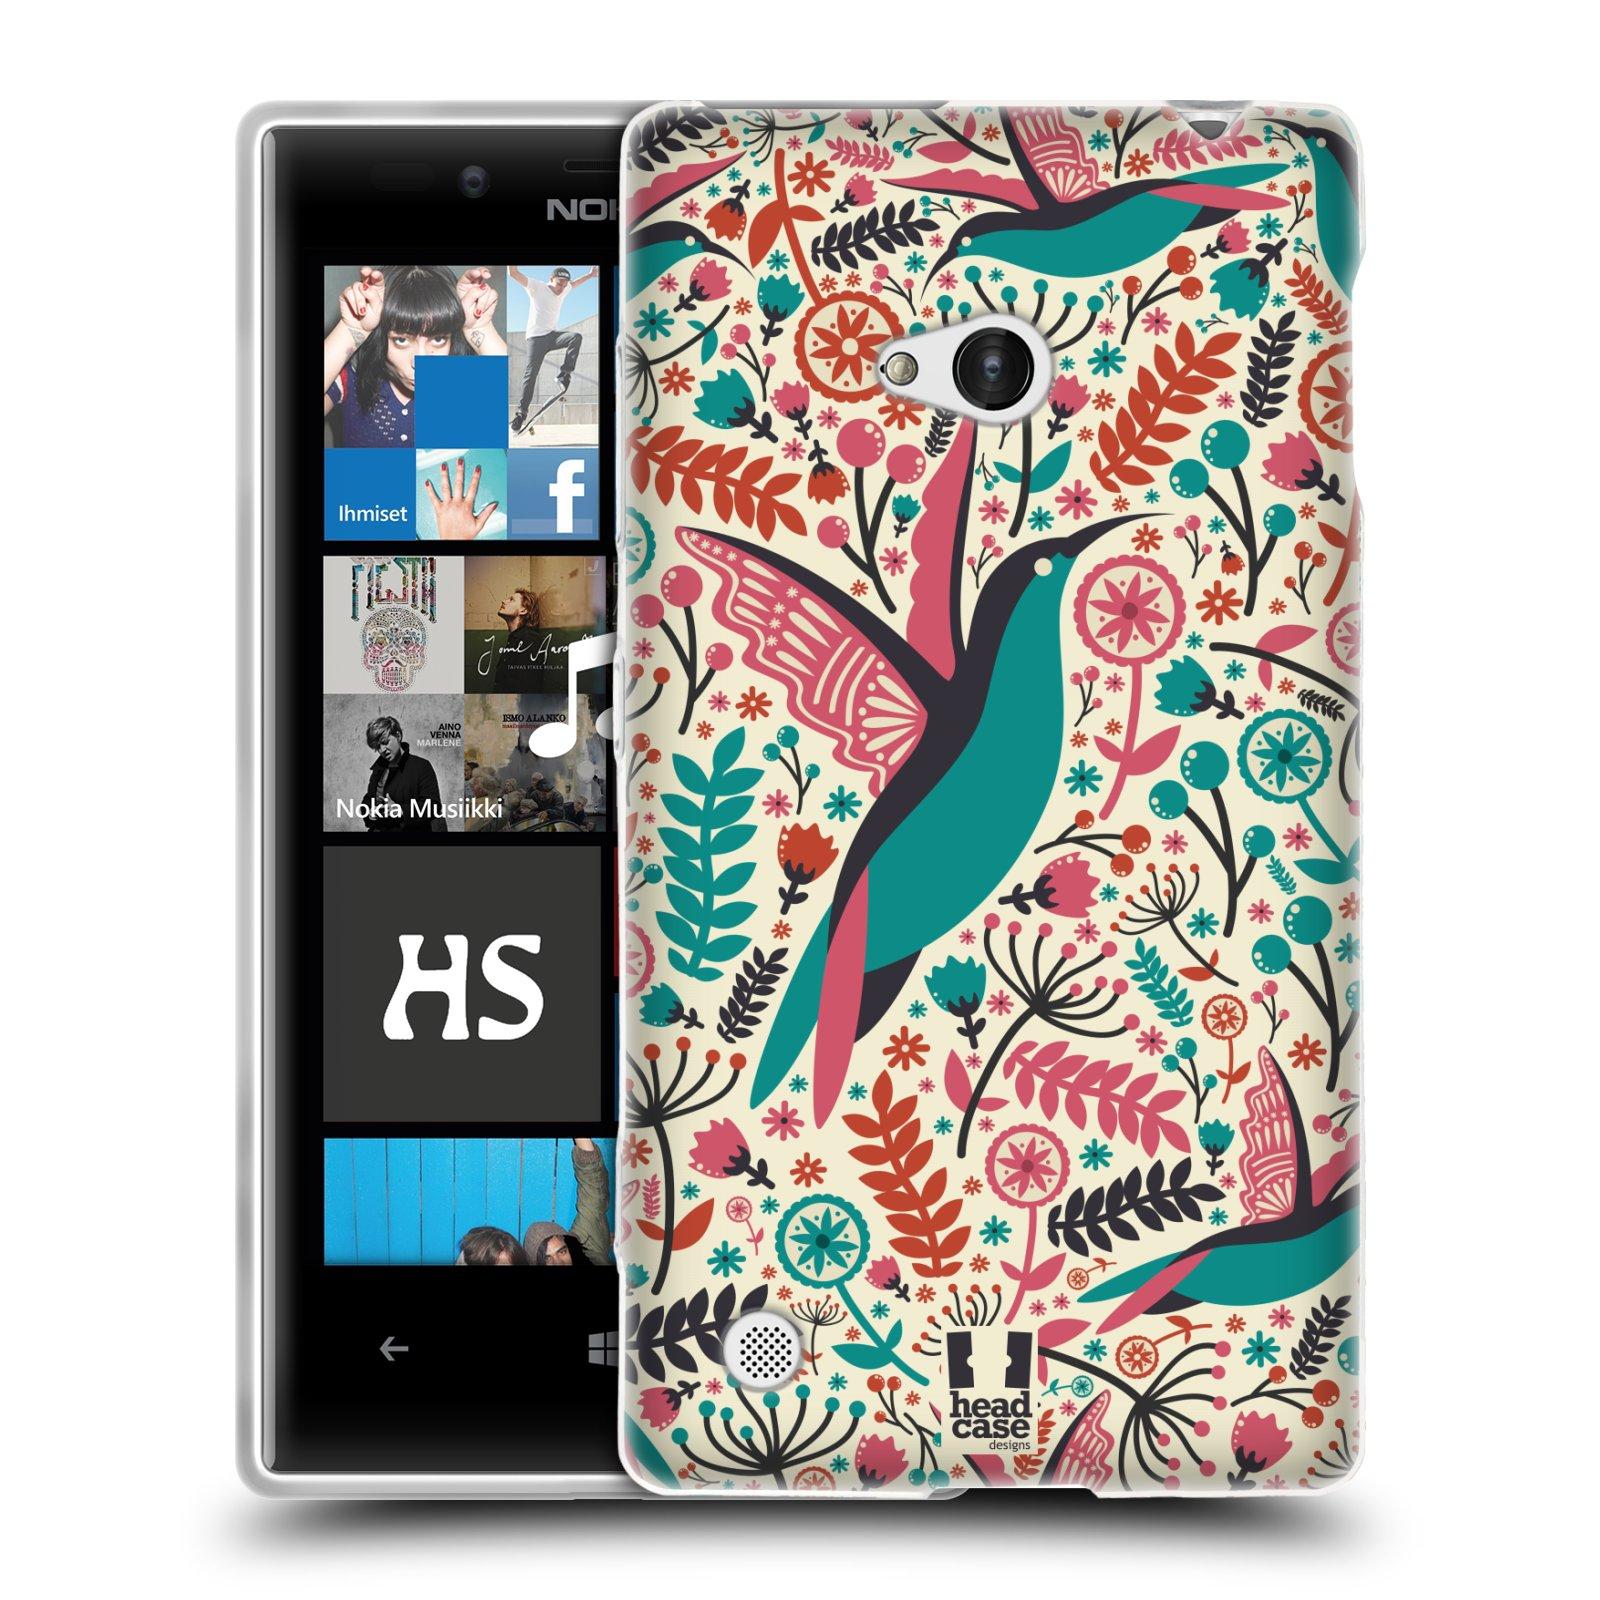 HEAD CASE silikonový obal na mobil NOKIA Lumia 720 vzor kreslení ptáci kolibřík